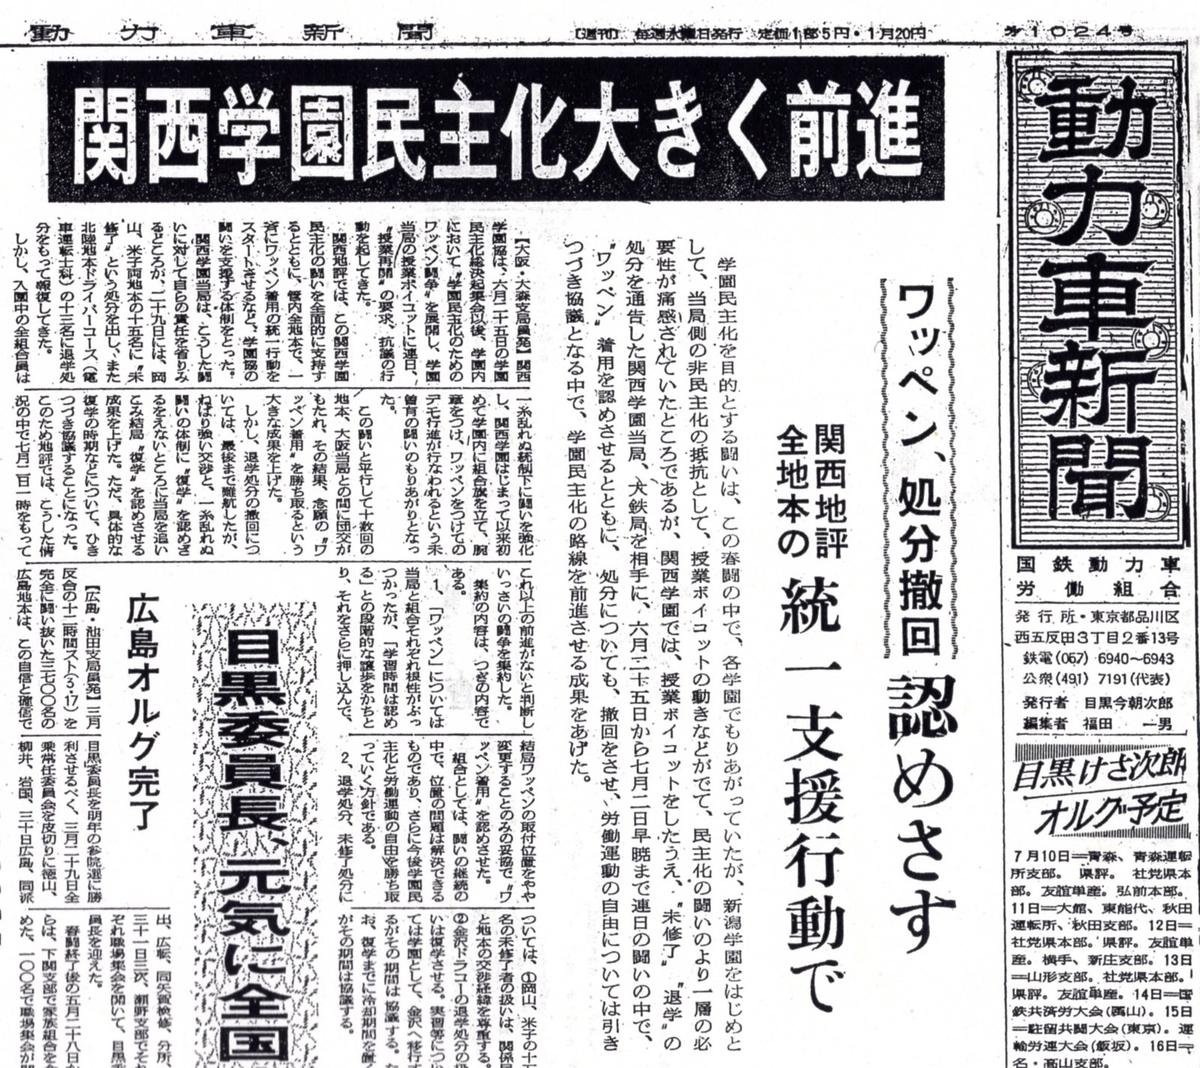 動力車新聞昭和48年7月4日号 関西学園民主化大きく前進